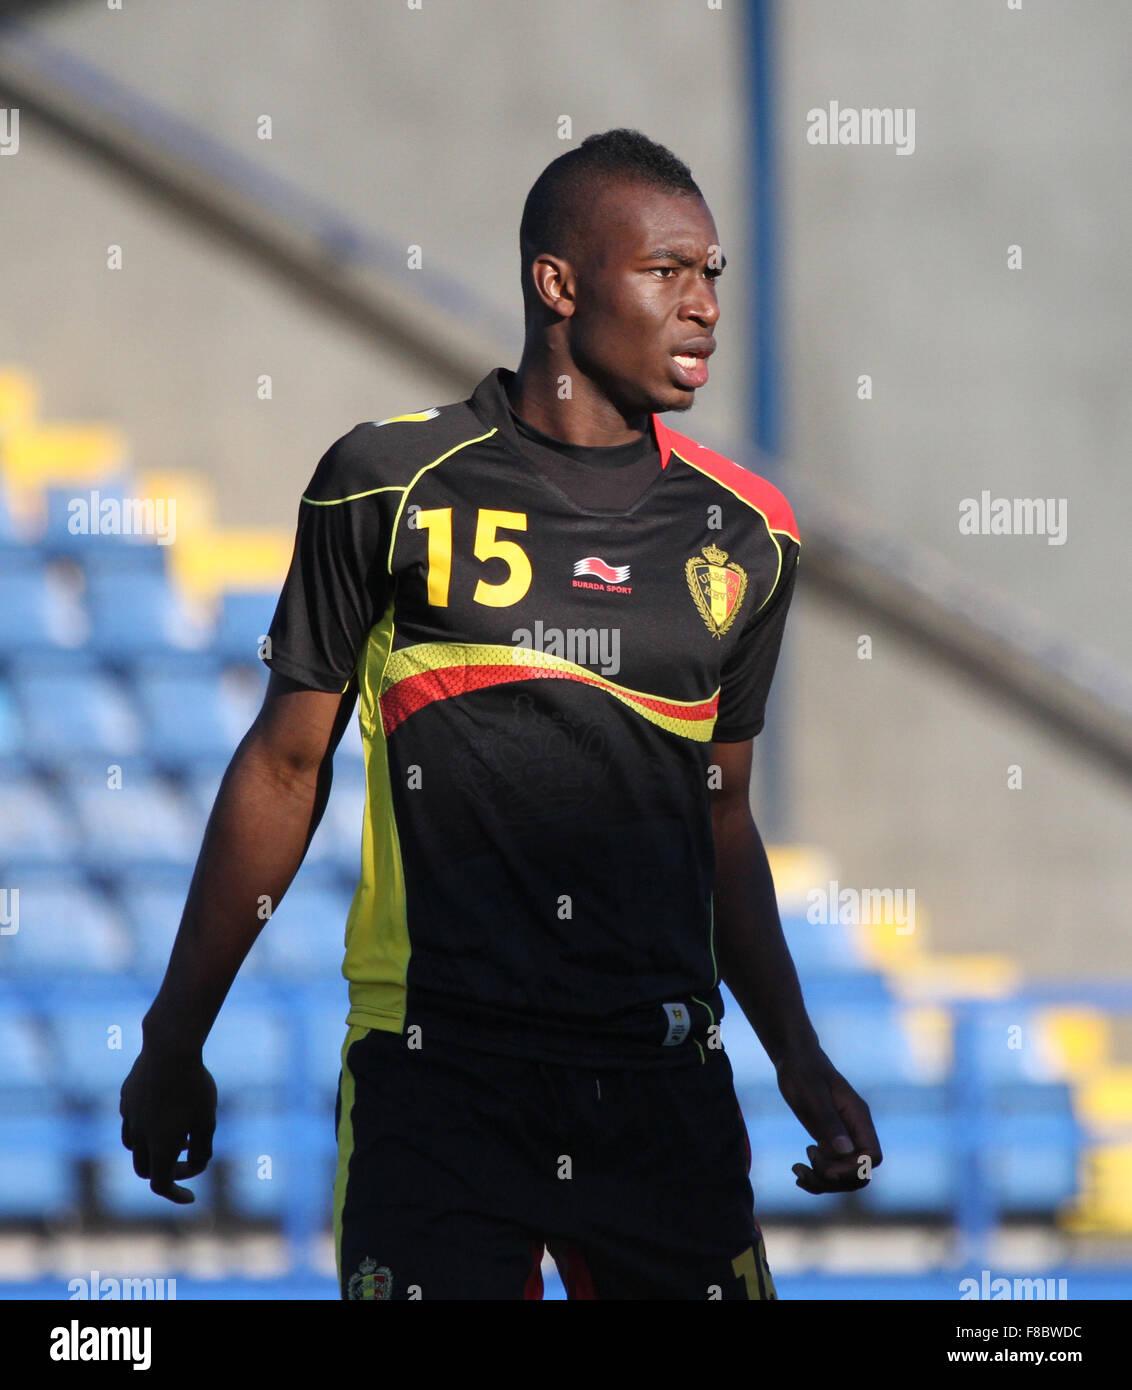 Ibrahima Cissé Wallpaper: Belgian U21 Footballer Stock Photos & Belgian U21